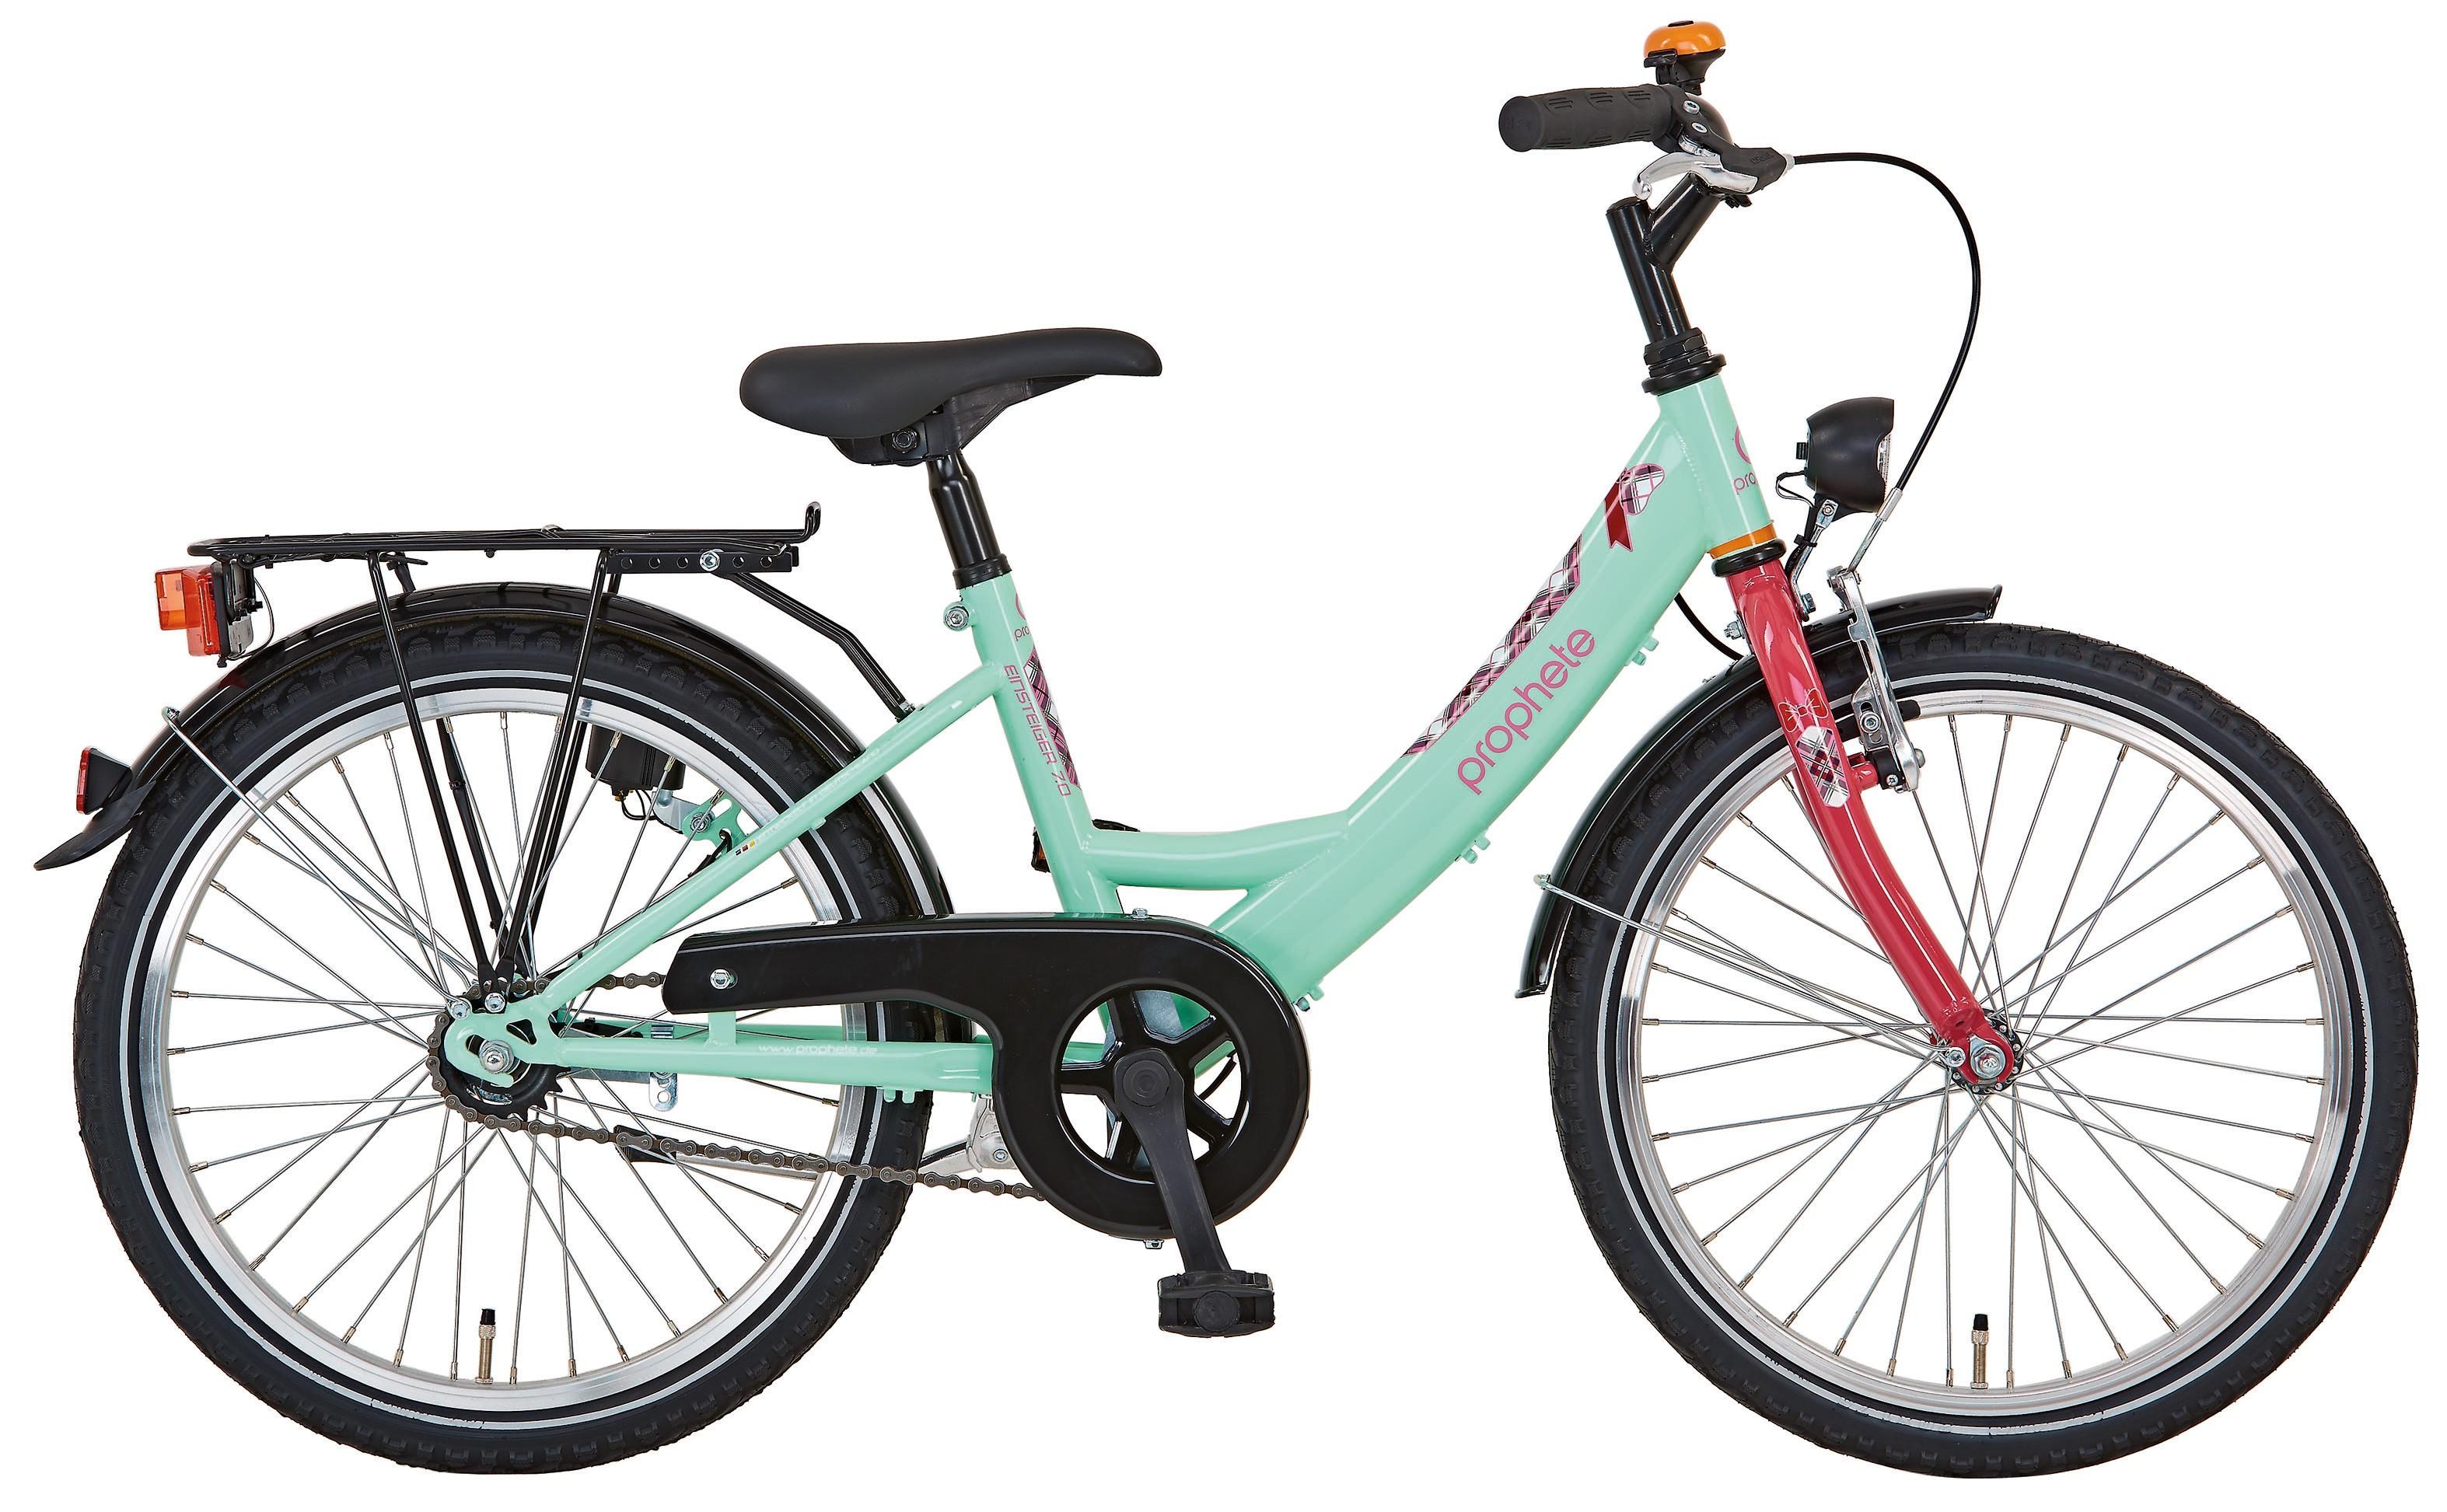 kinderfahrrad fahrrad m dchen wave einsteiger 7 0 20. Black Bedroom Furniture Sets. Home Design Ideas